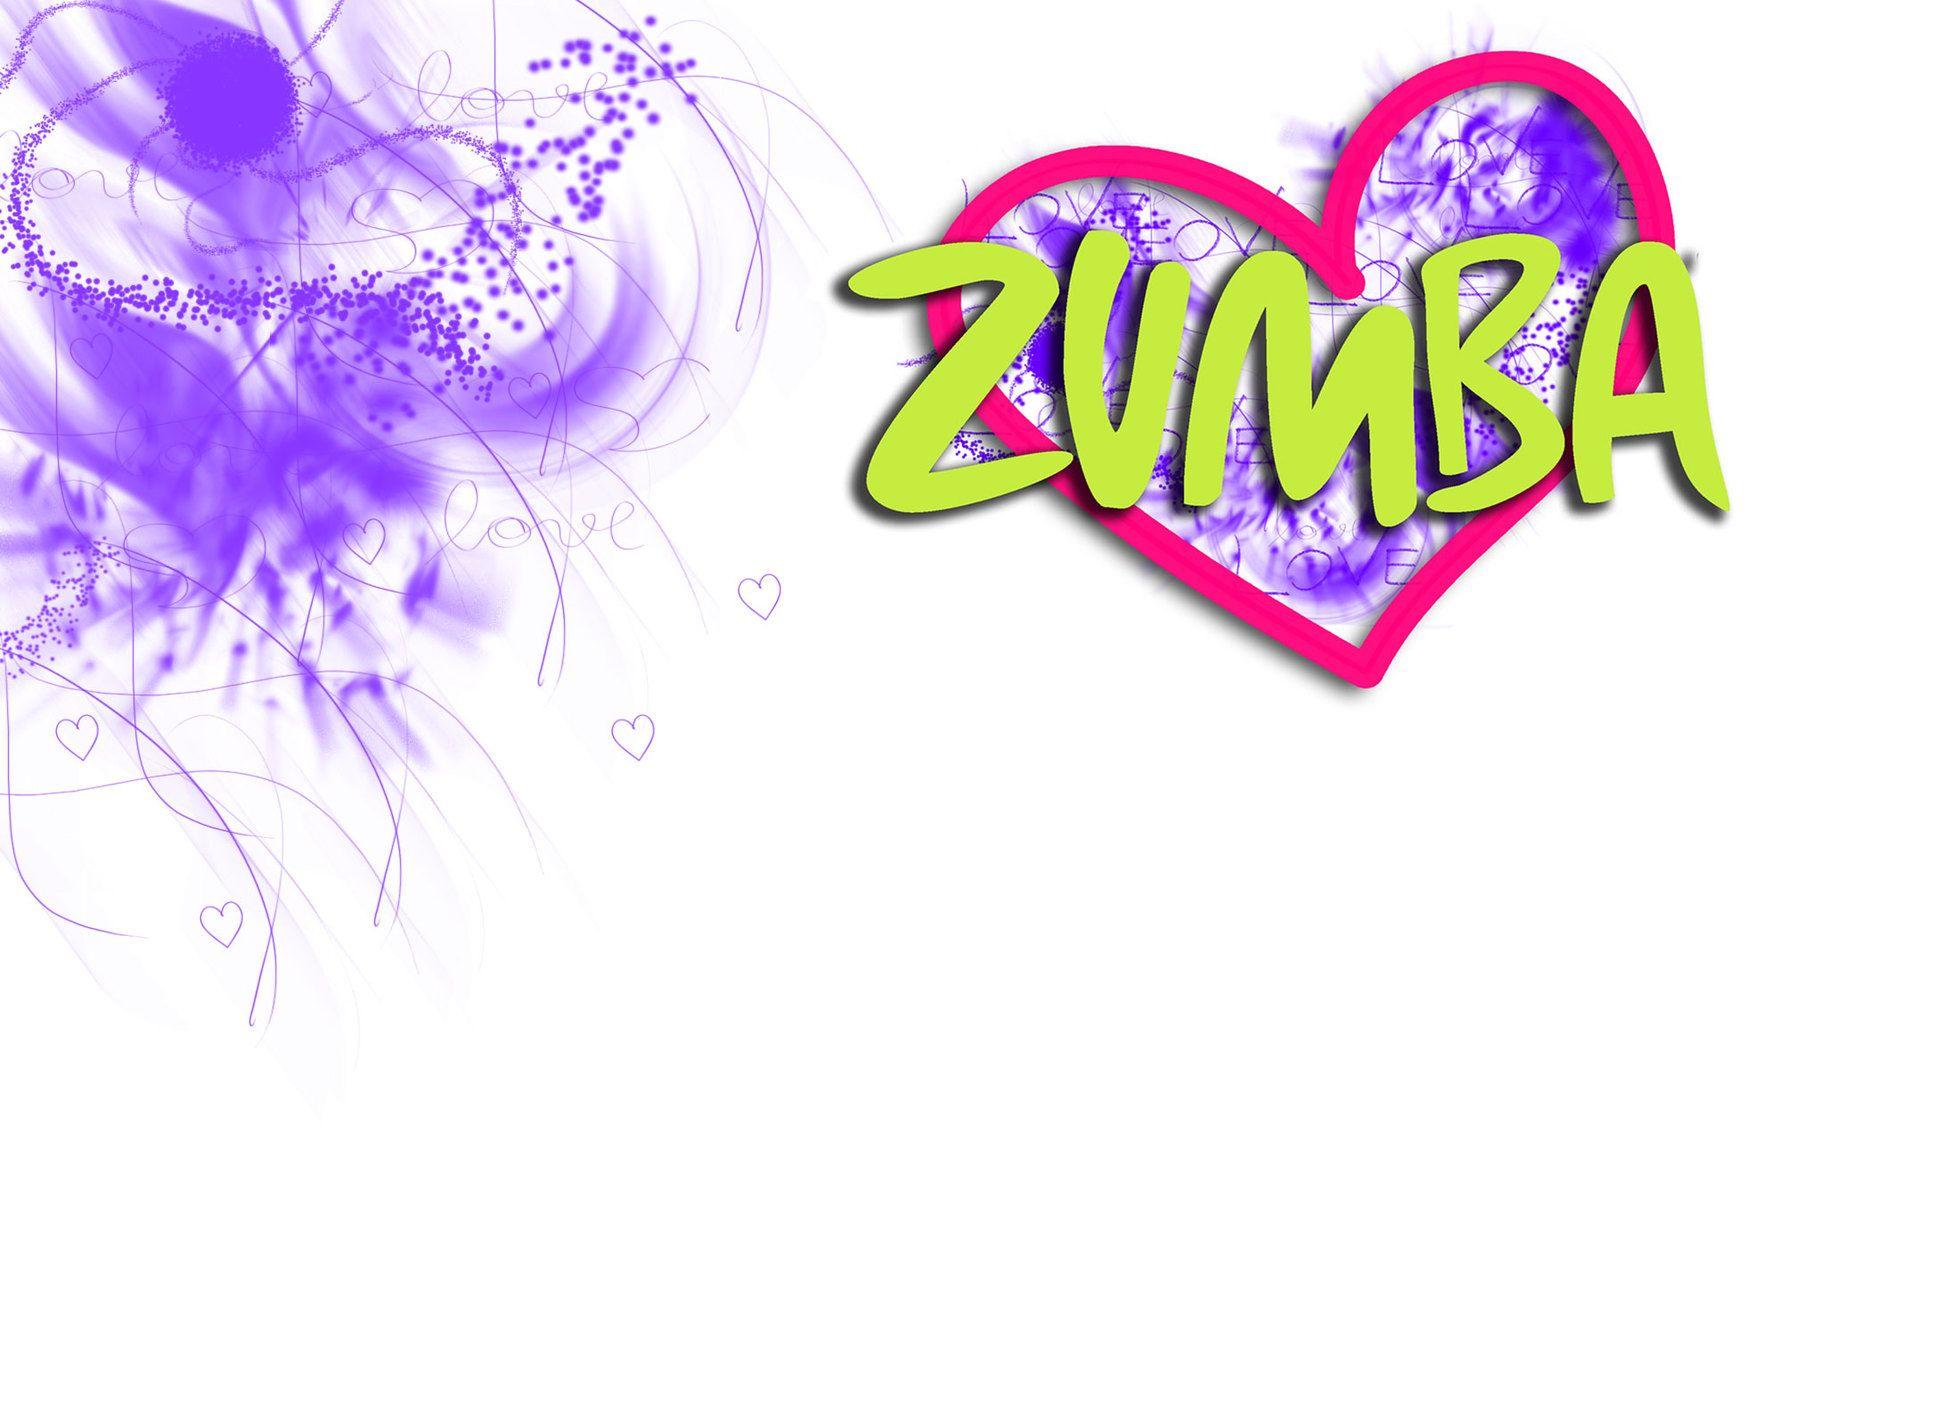 Zumba Logo Zumba Zumba Fitness Diseno De Gimnasio